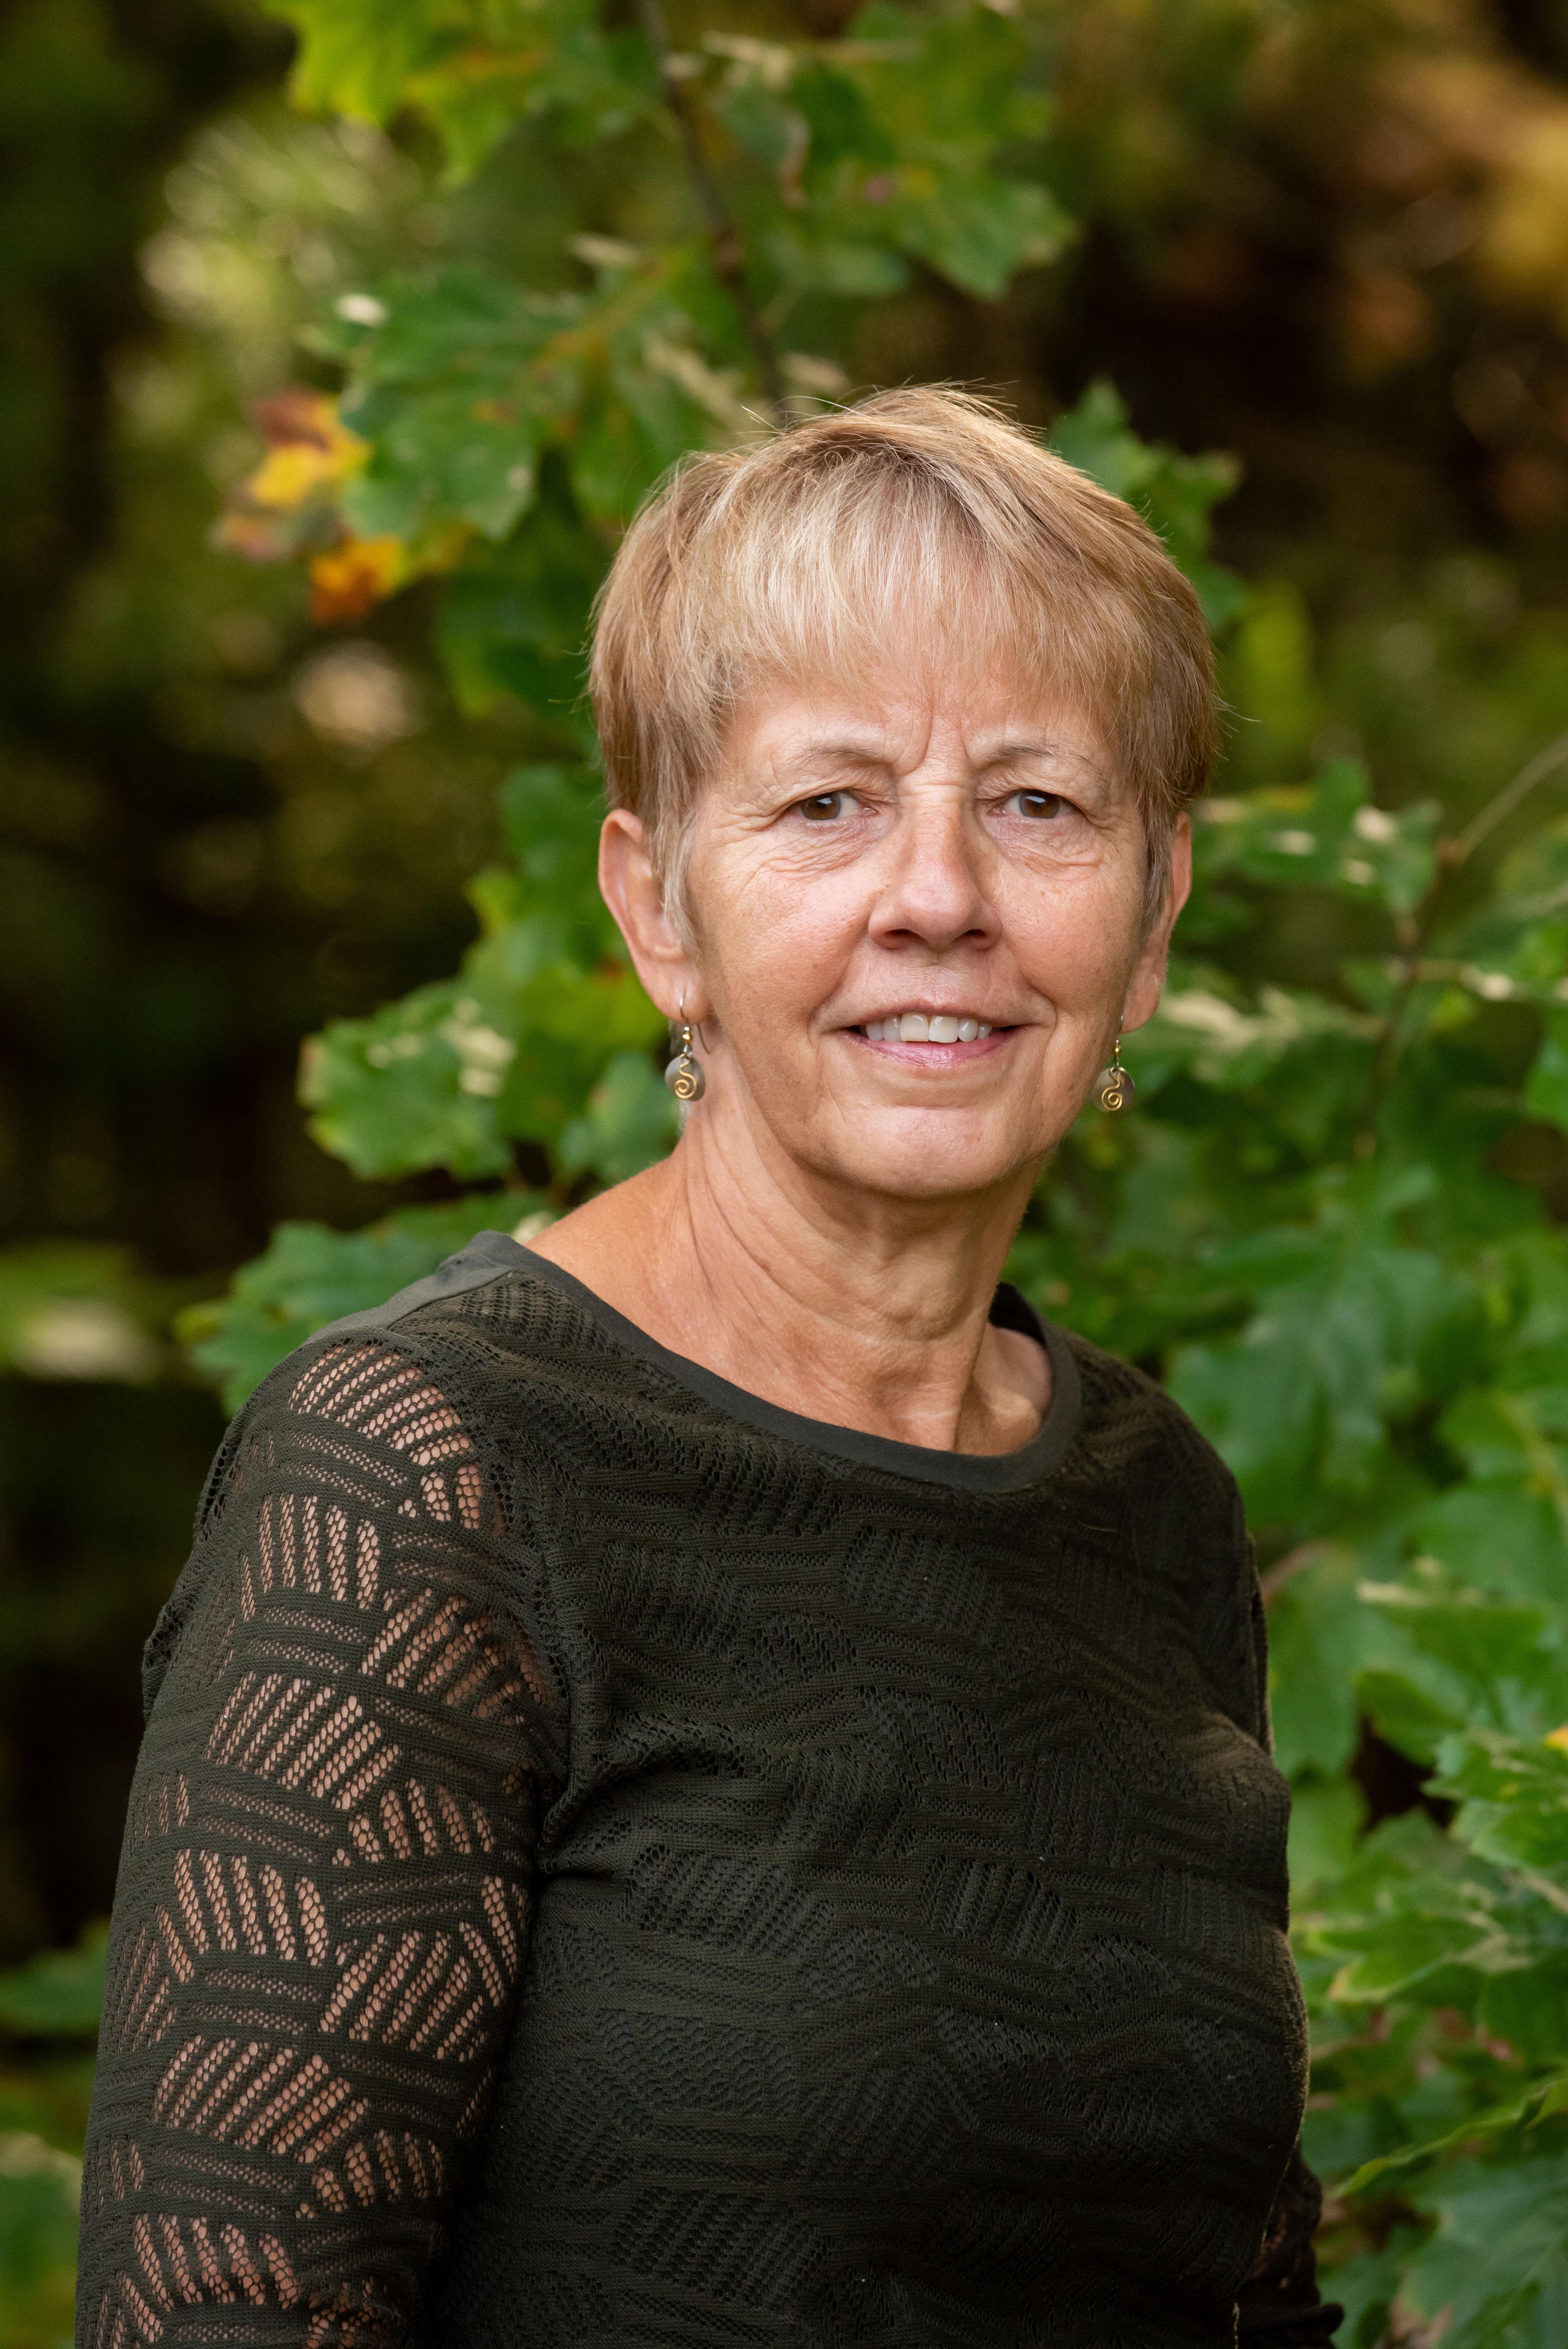 Nancy Nolan